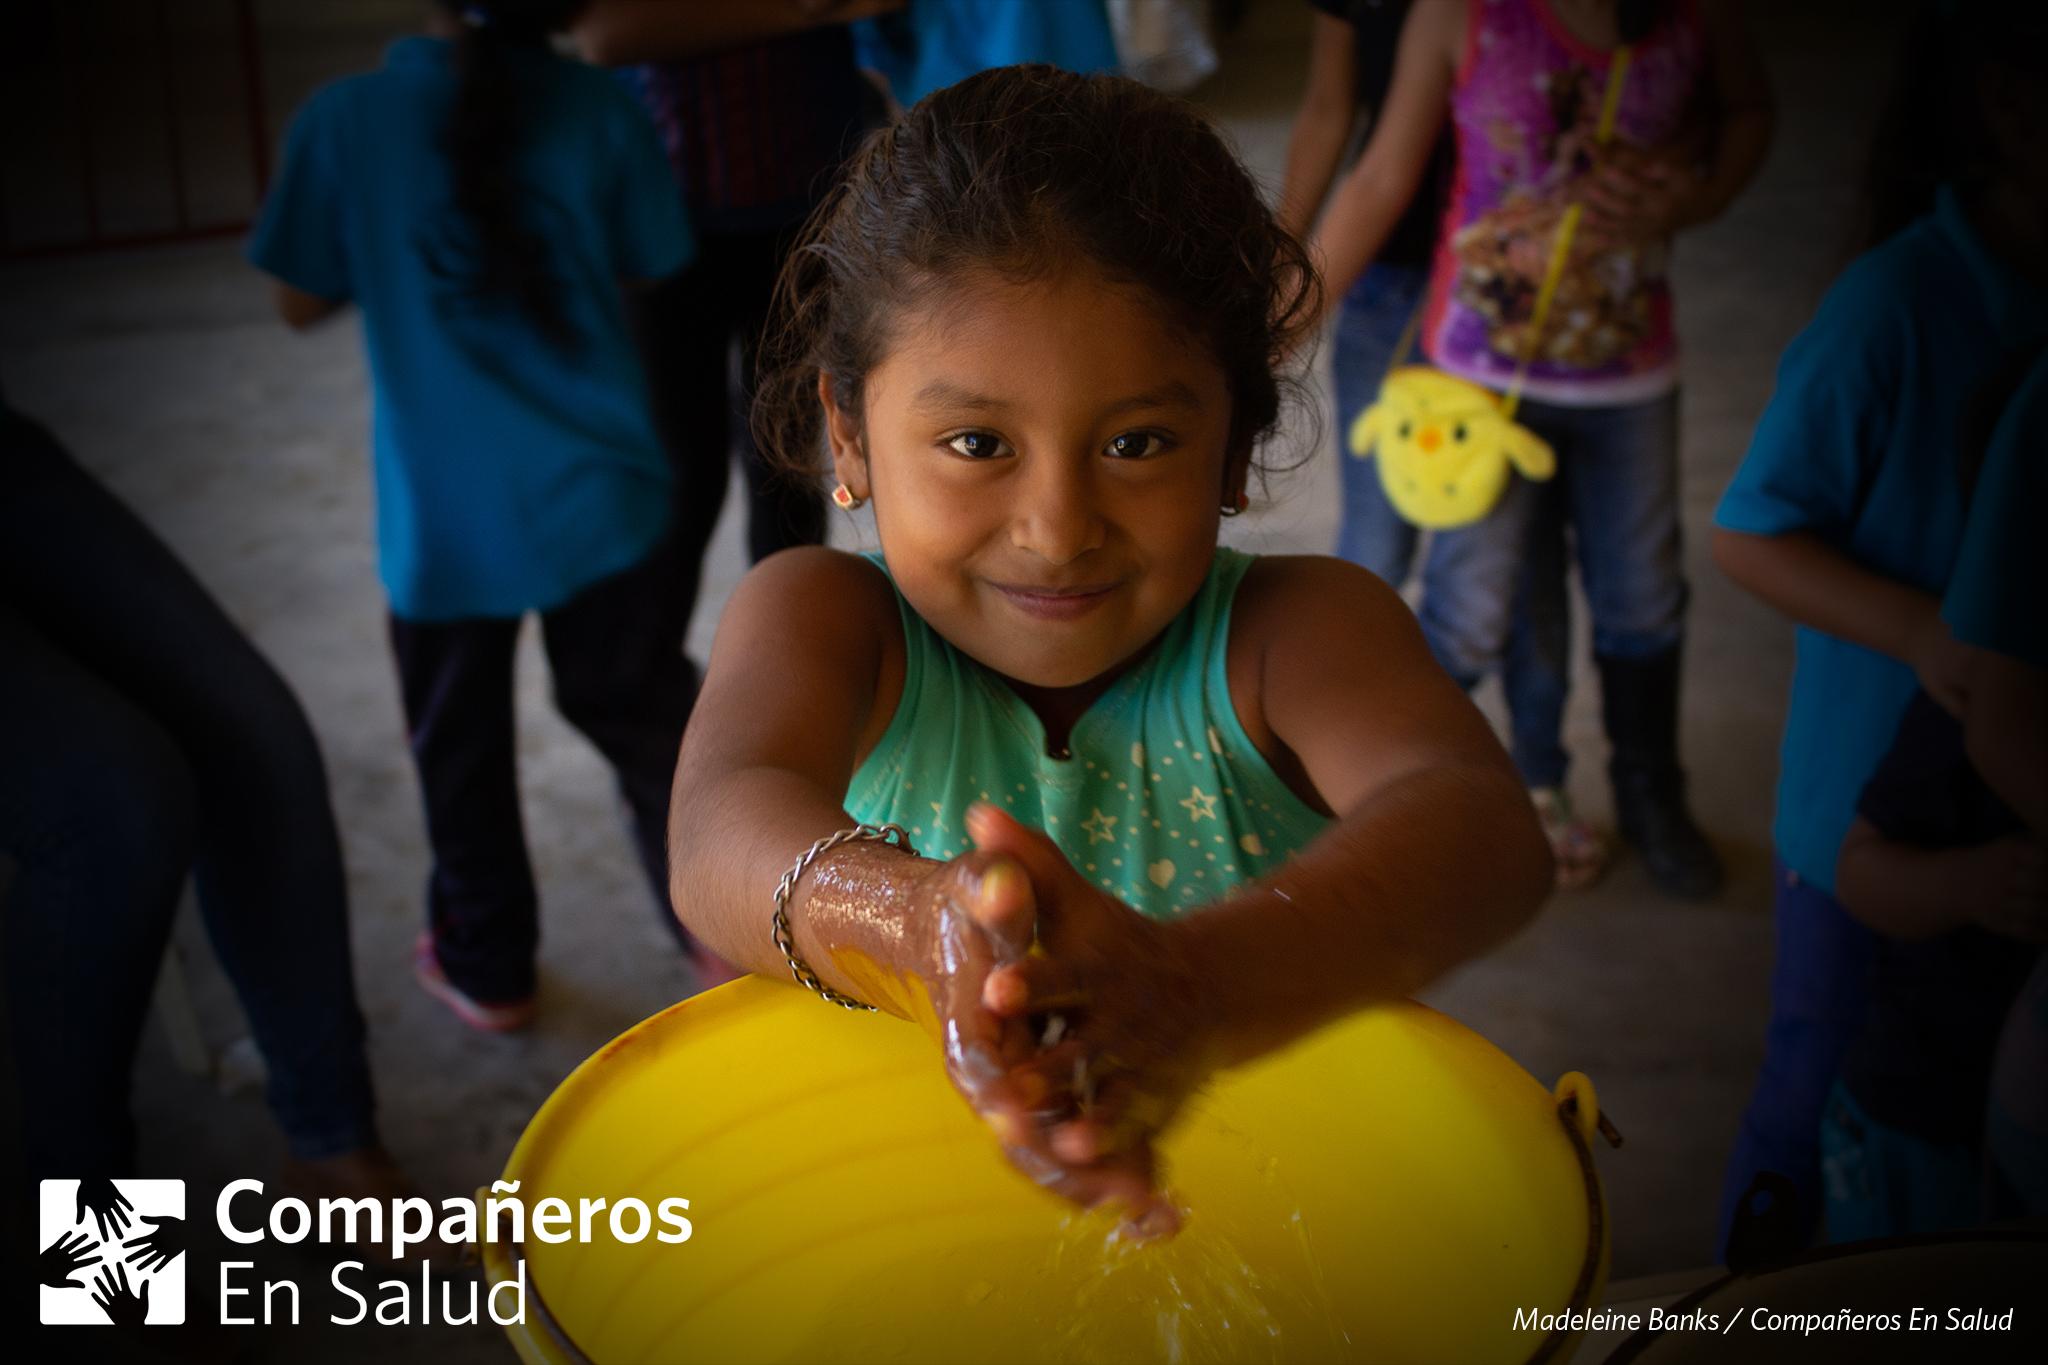 En la Feria de la Salud, los voluntarios de Compañeros En Salud realizaron un taller de cómo lavarse las manos y la comida, de una manera higiénica, para evitar los parásitos.